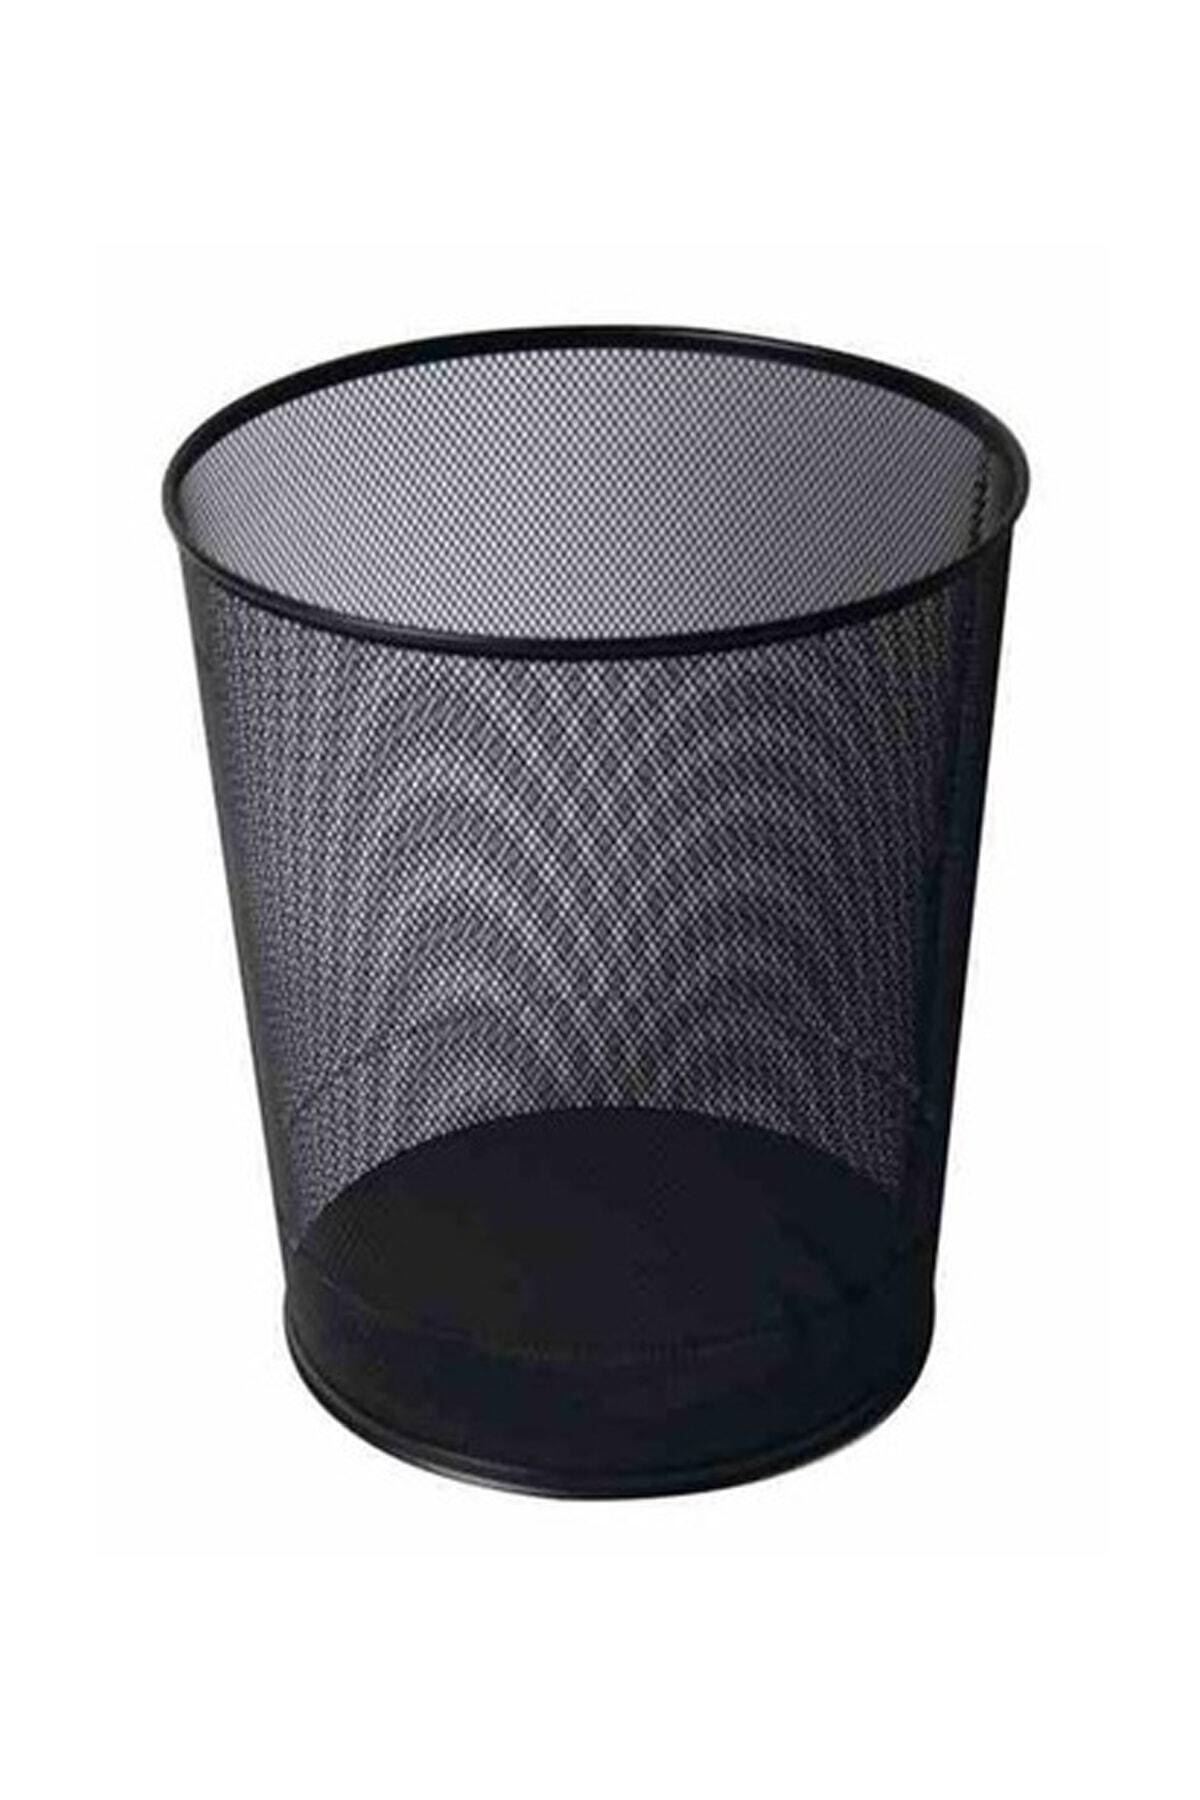 Kraf Metal File Çöp Kutusu Siyah Renkli 540g Fx